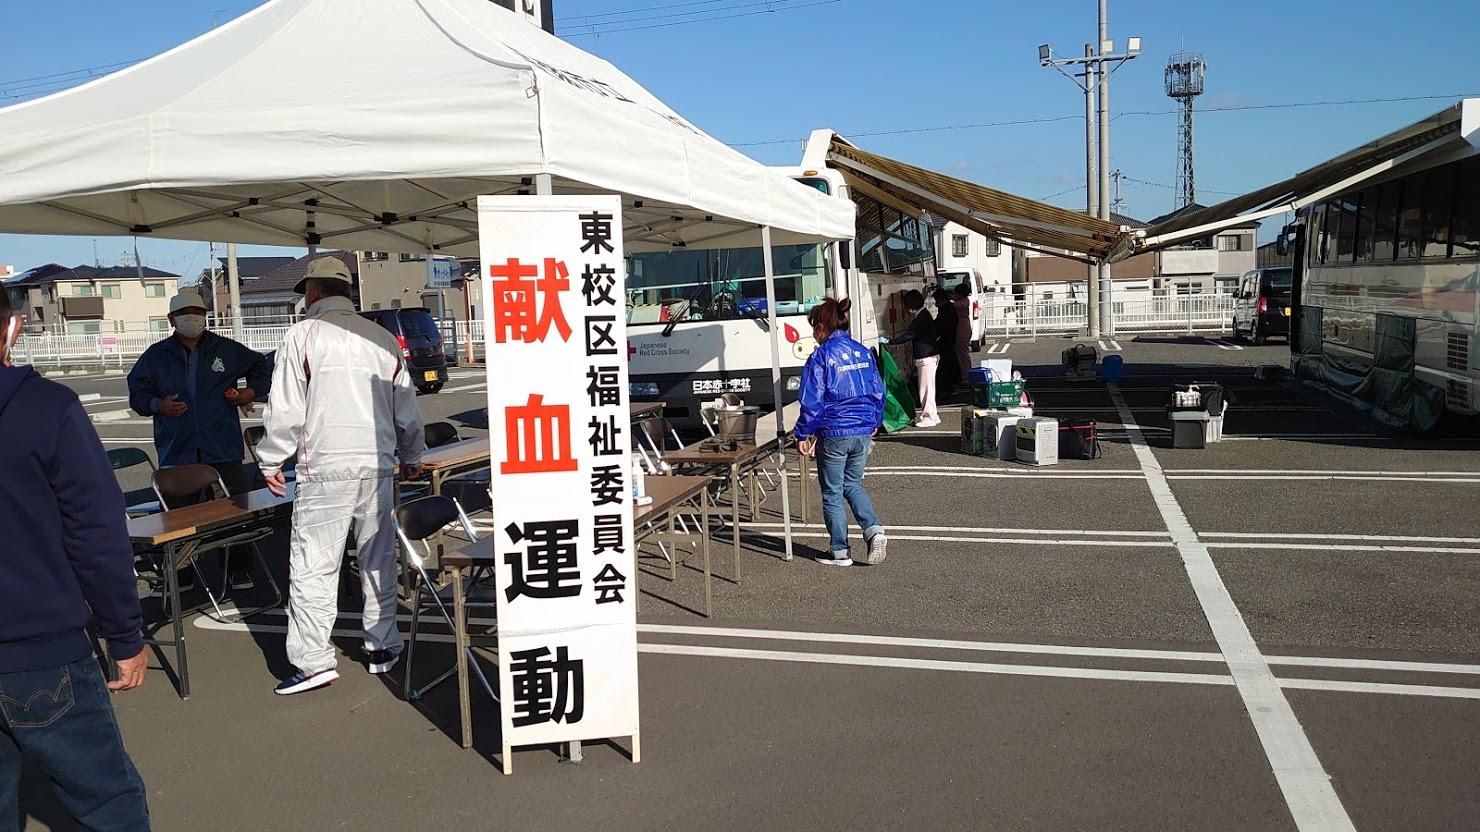 2020.11.22 東校区福祉委員会献血活動②